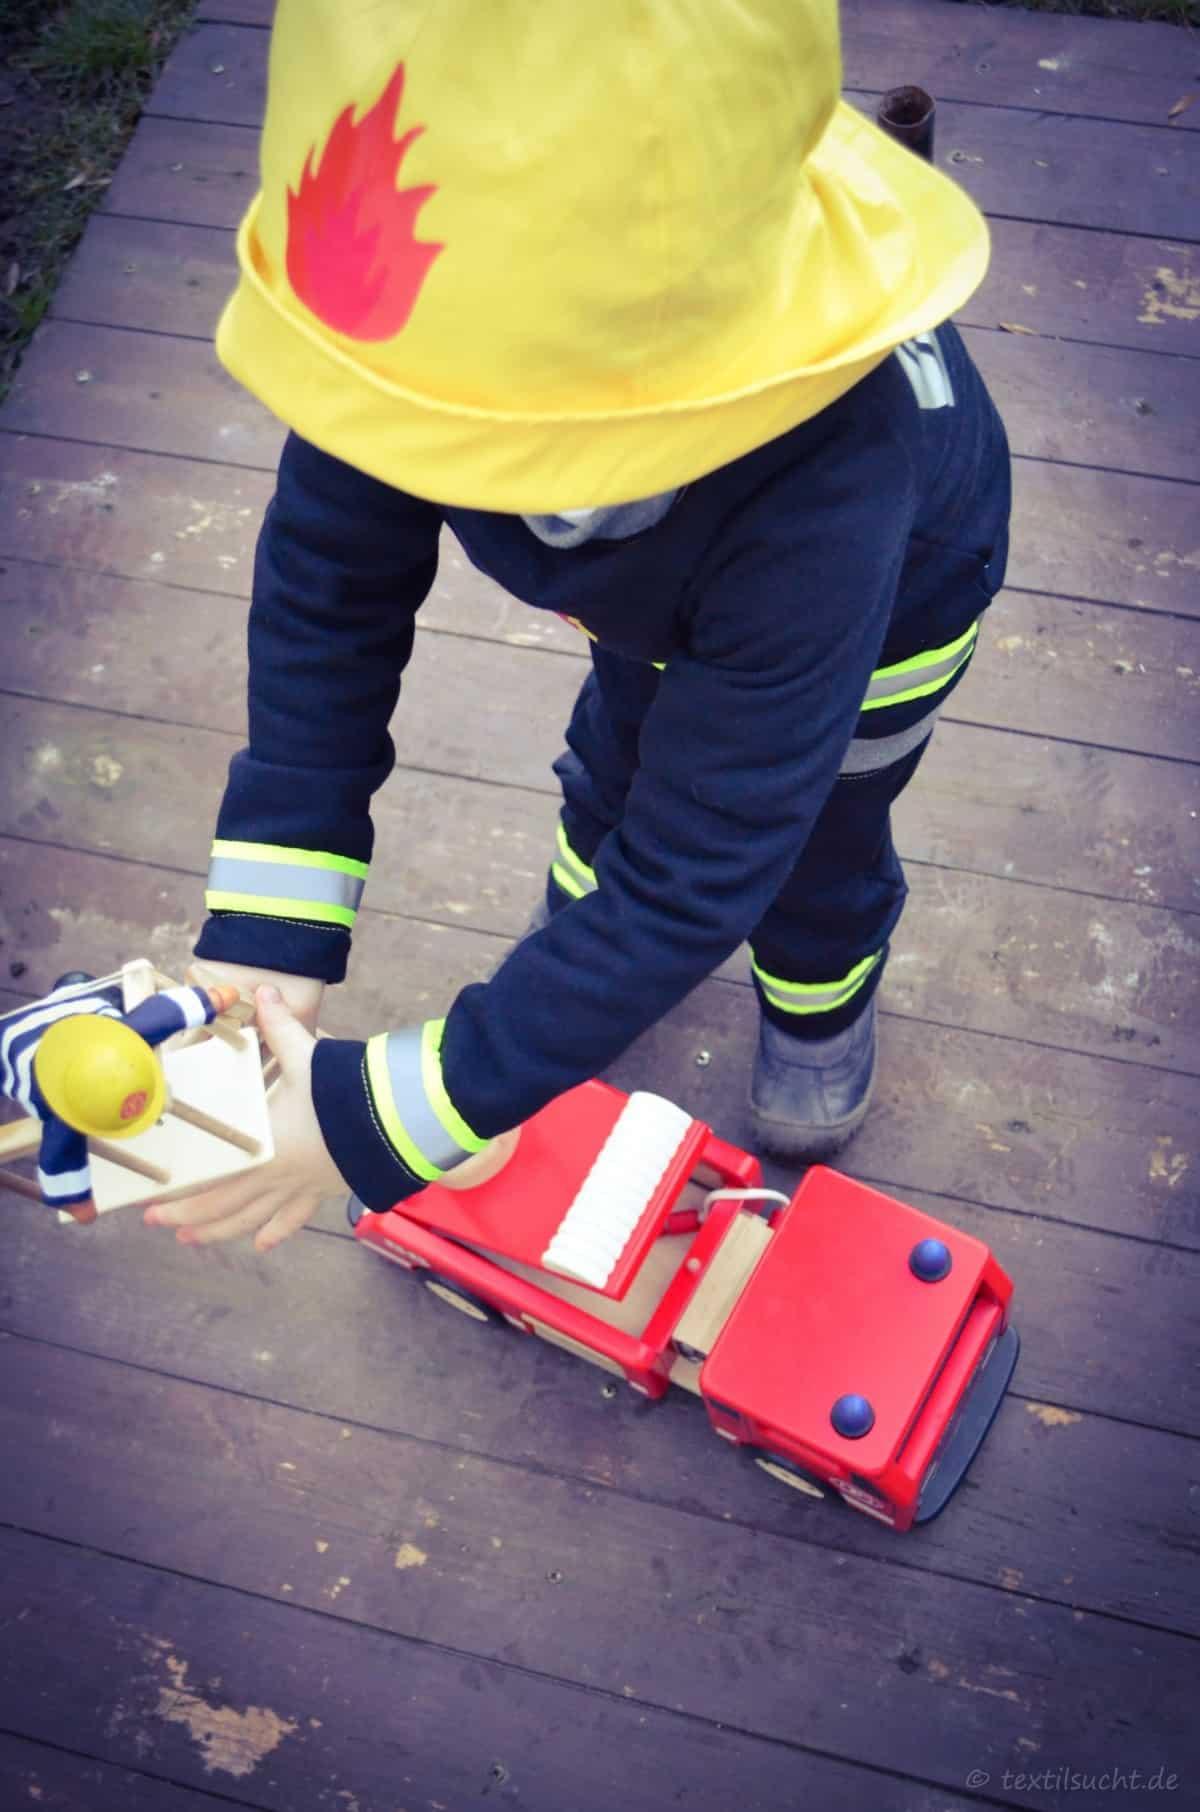 Faschingskostüm Feuerwehrmann nähen | textilsucht